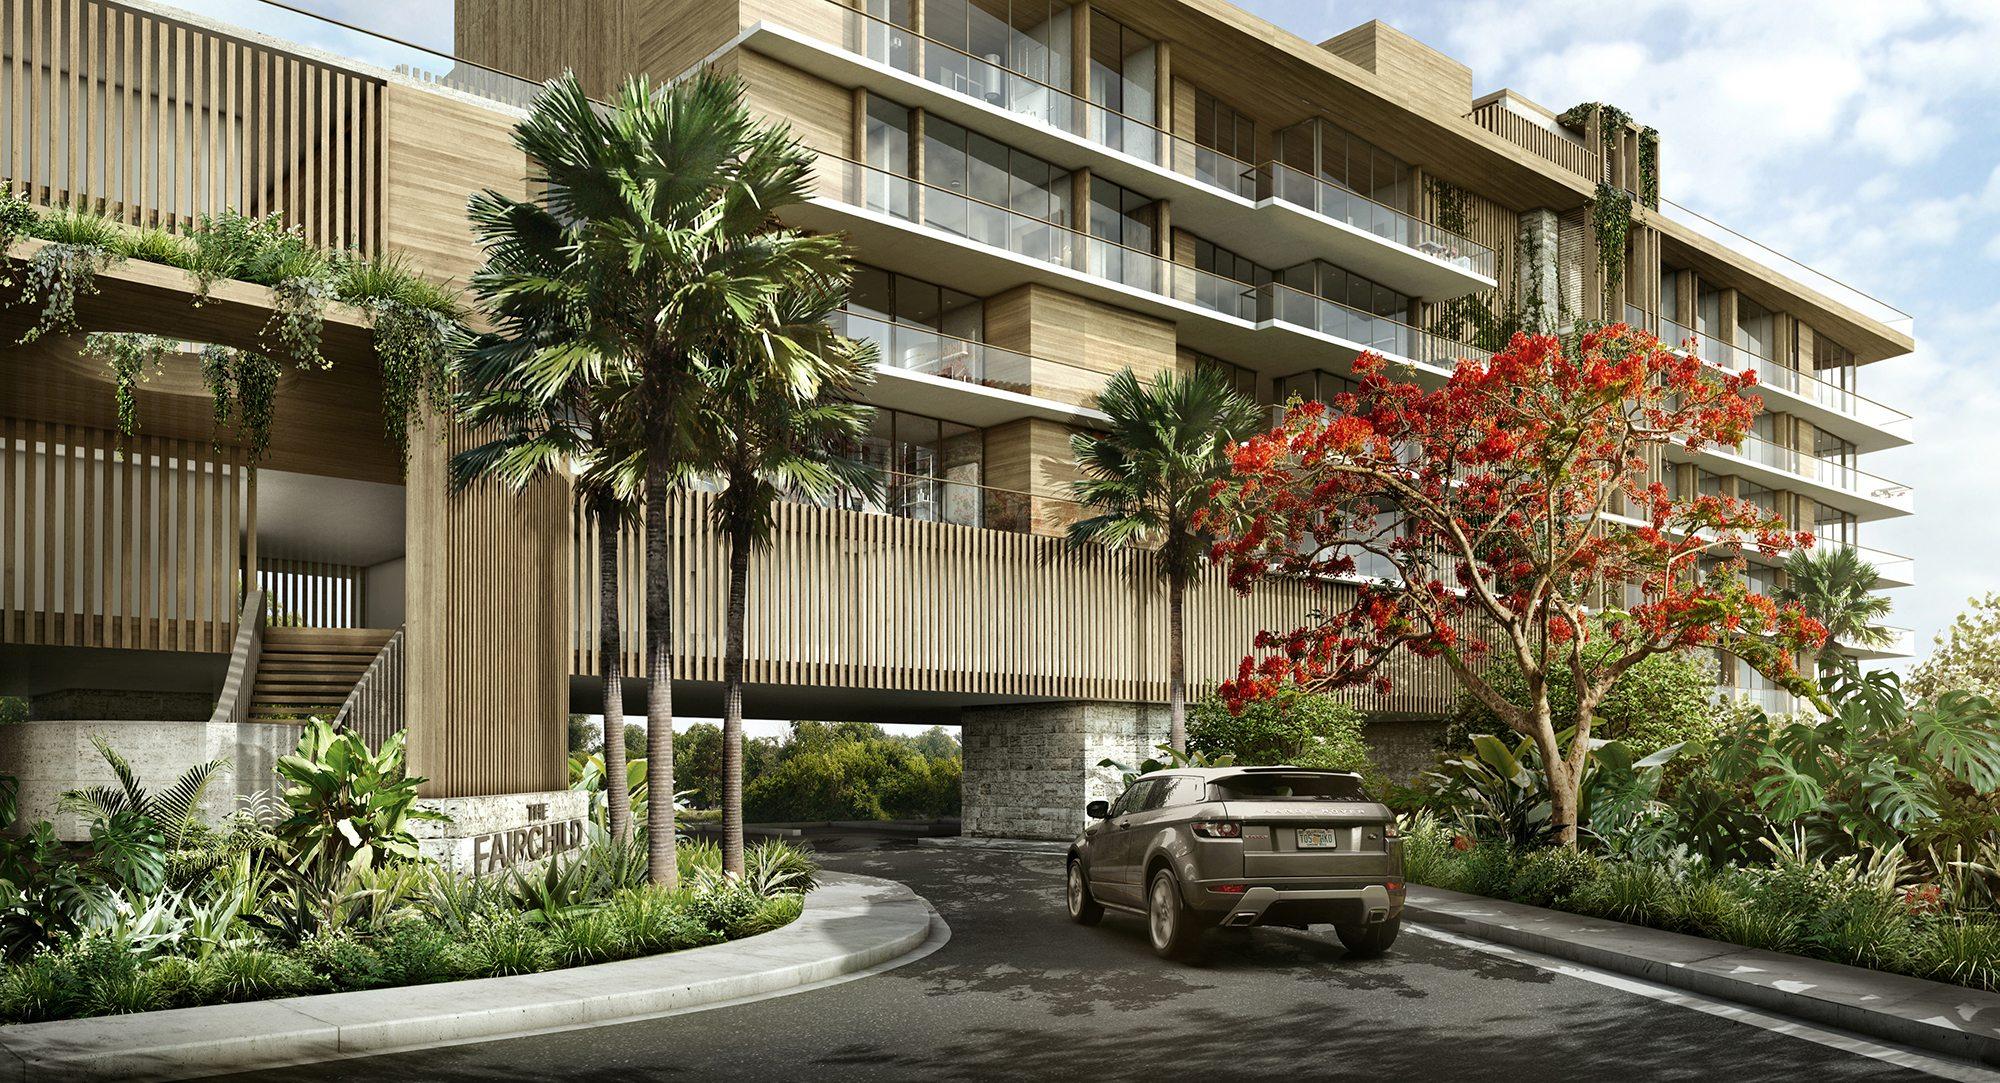 Fairchild Coconut Grove Entry